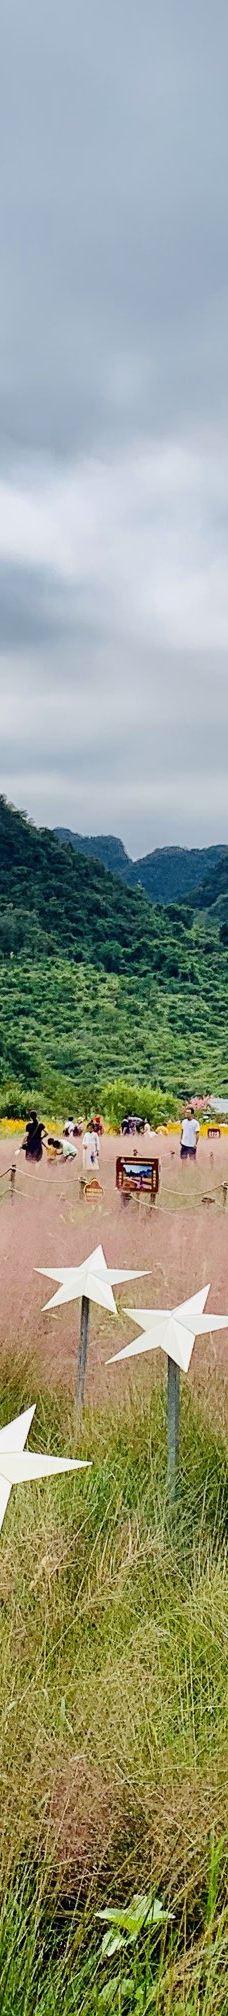 峰林胜境-英德